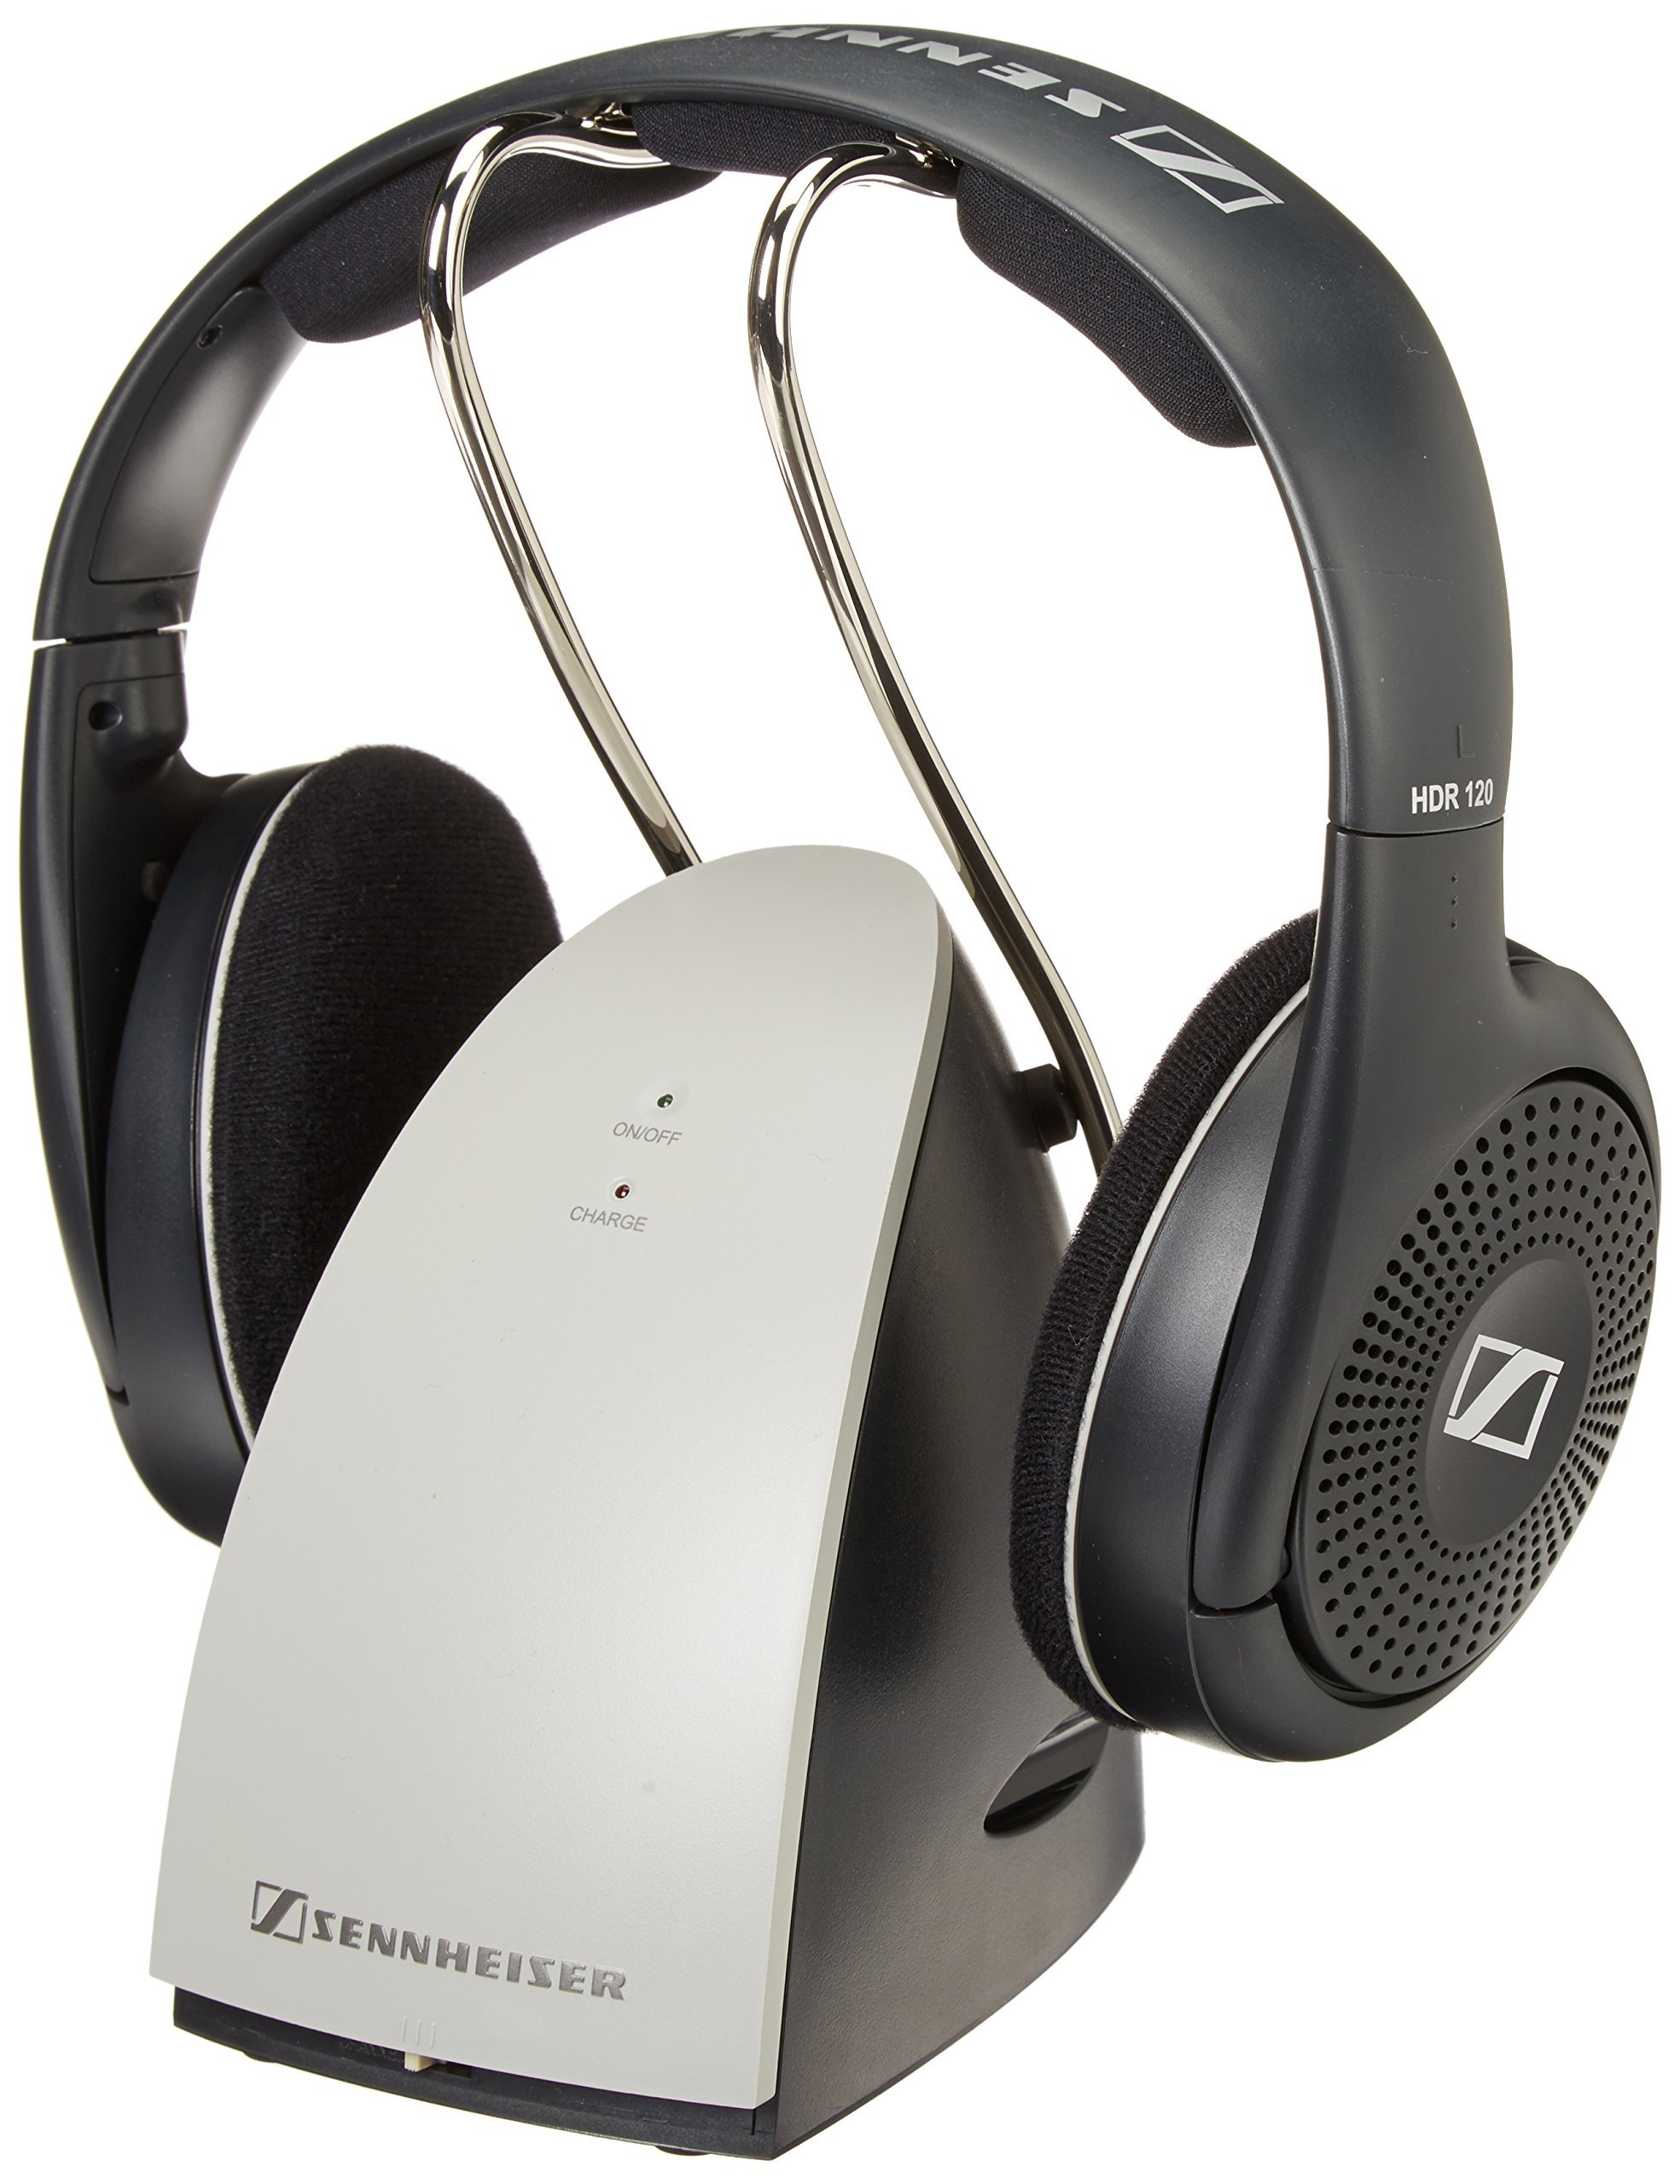 Sennheiser RS120 On-Ear Wireless RF Headphones with Charging Dock (Certified Refurbished)